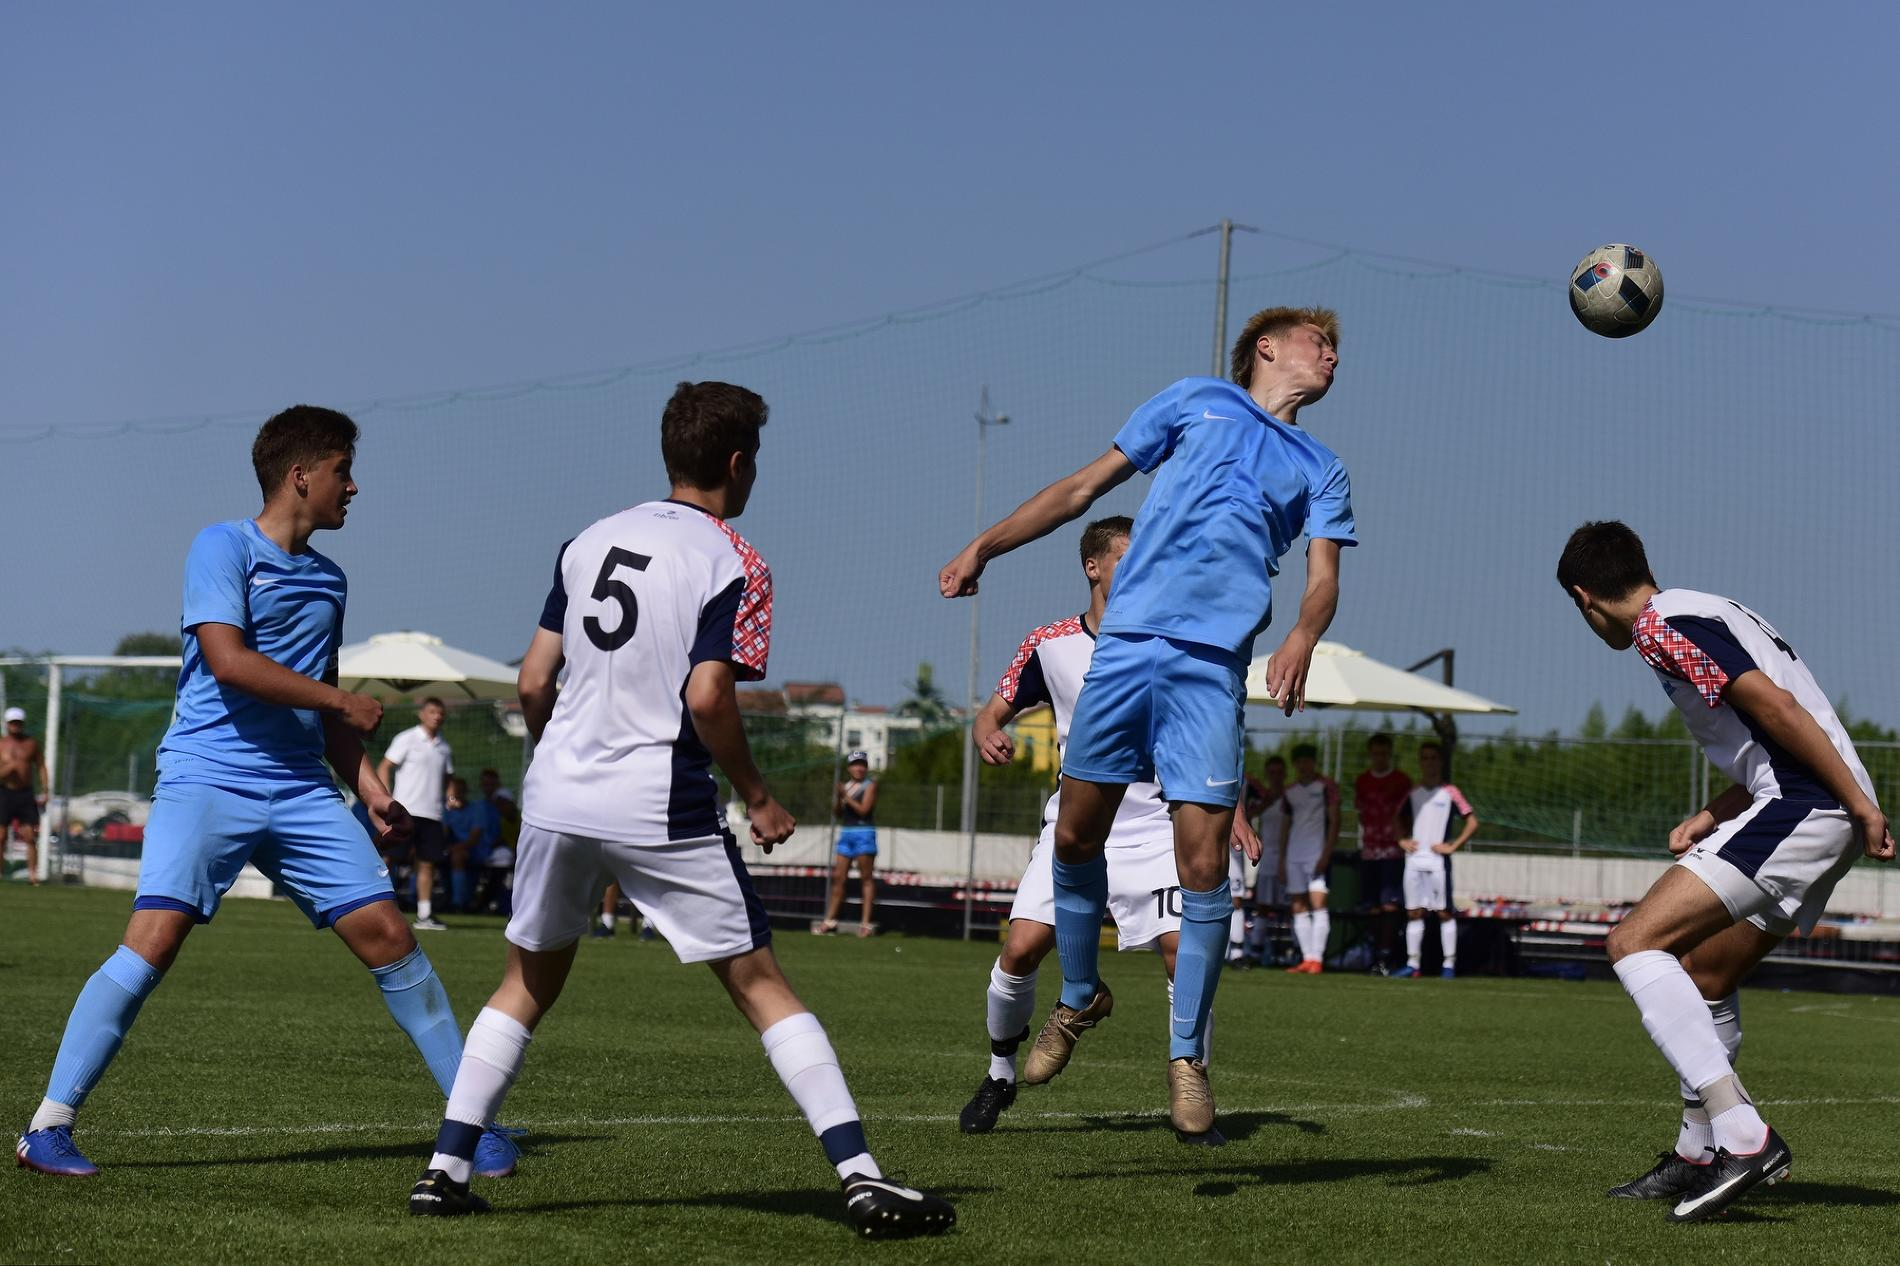 Детские соревнования по мини-футболу на Спартакиаде